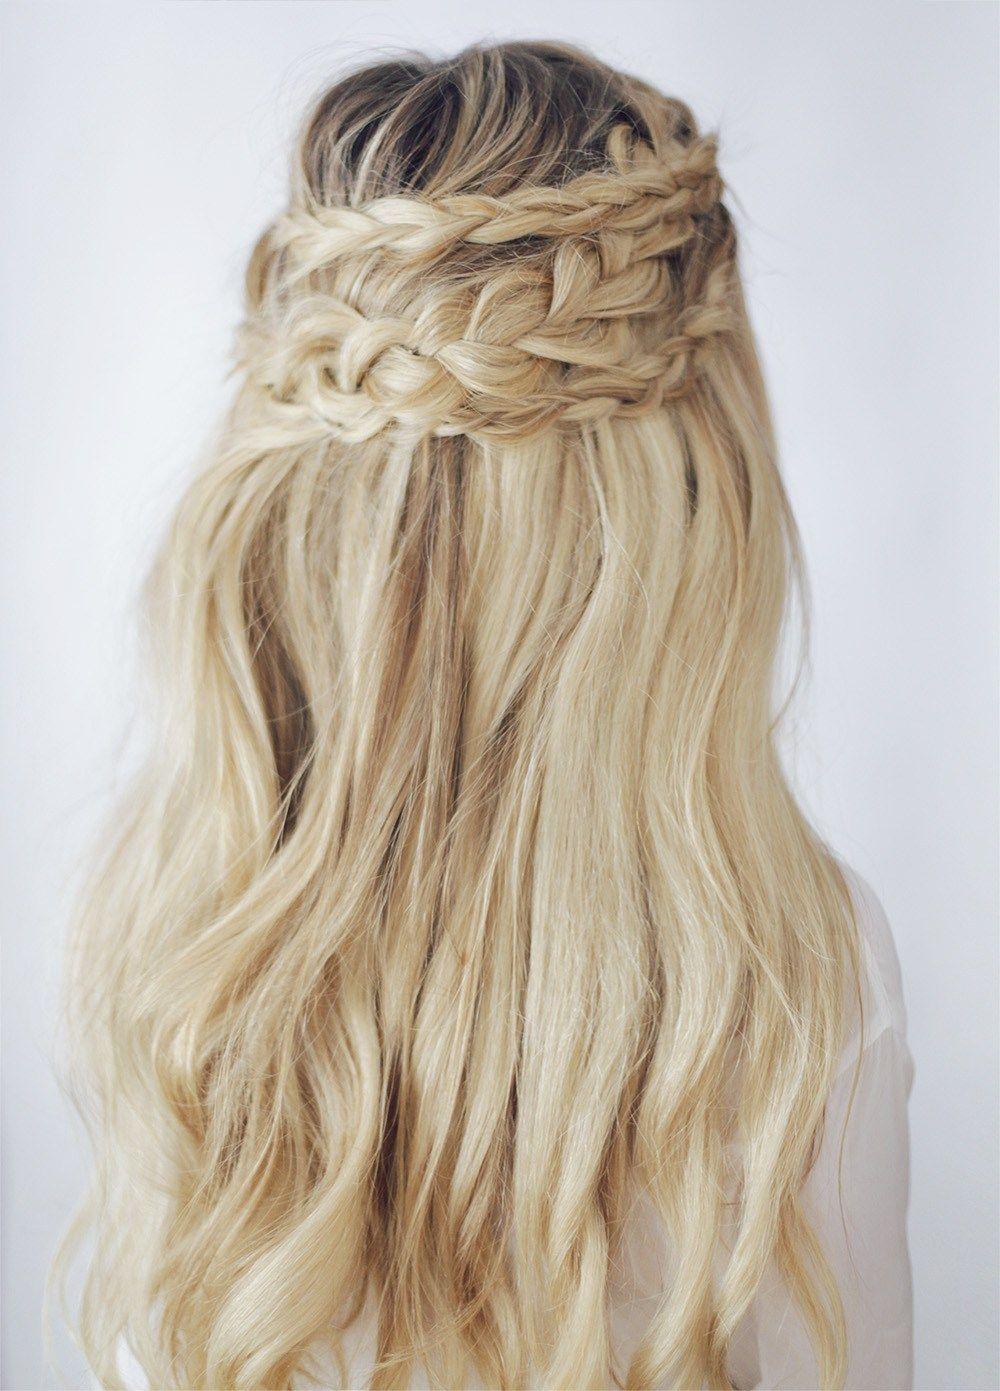 Braided crown braids hairstyle ideas braid half up hairstyles hair